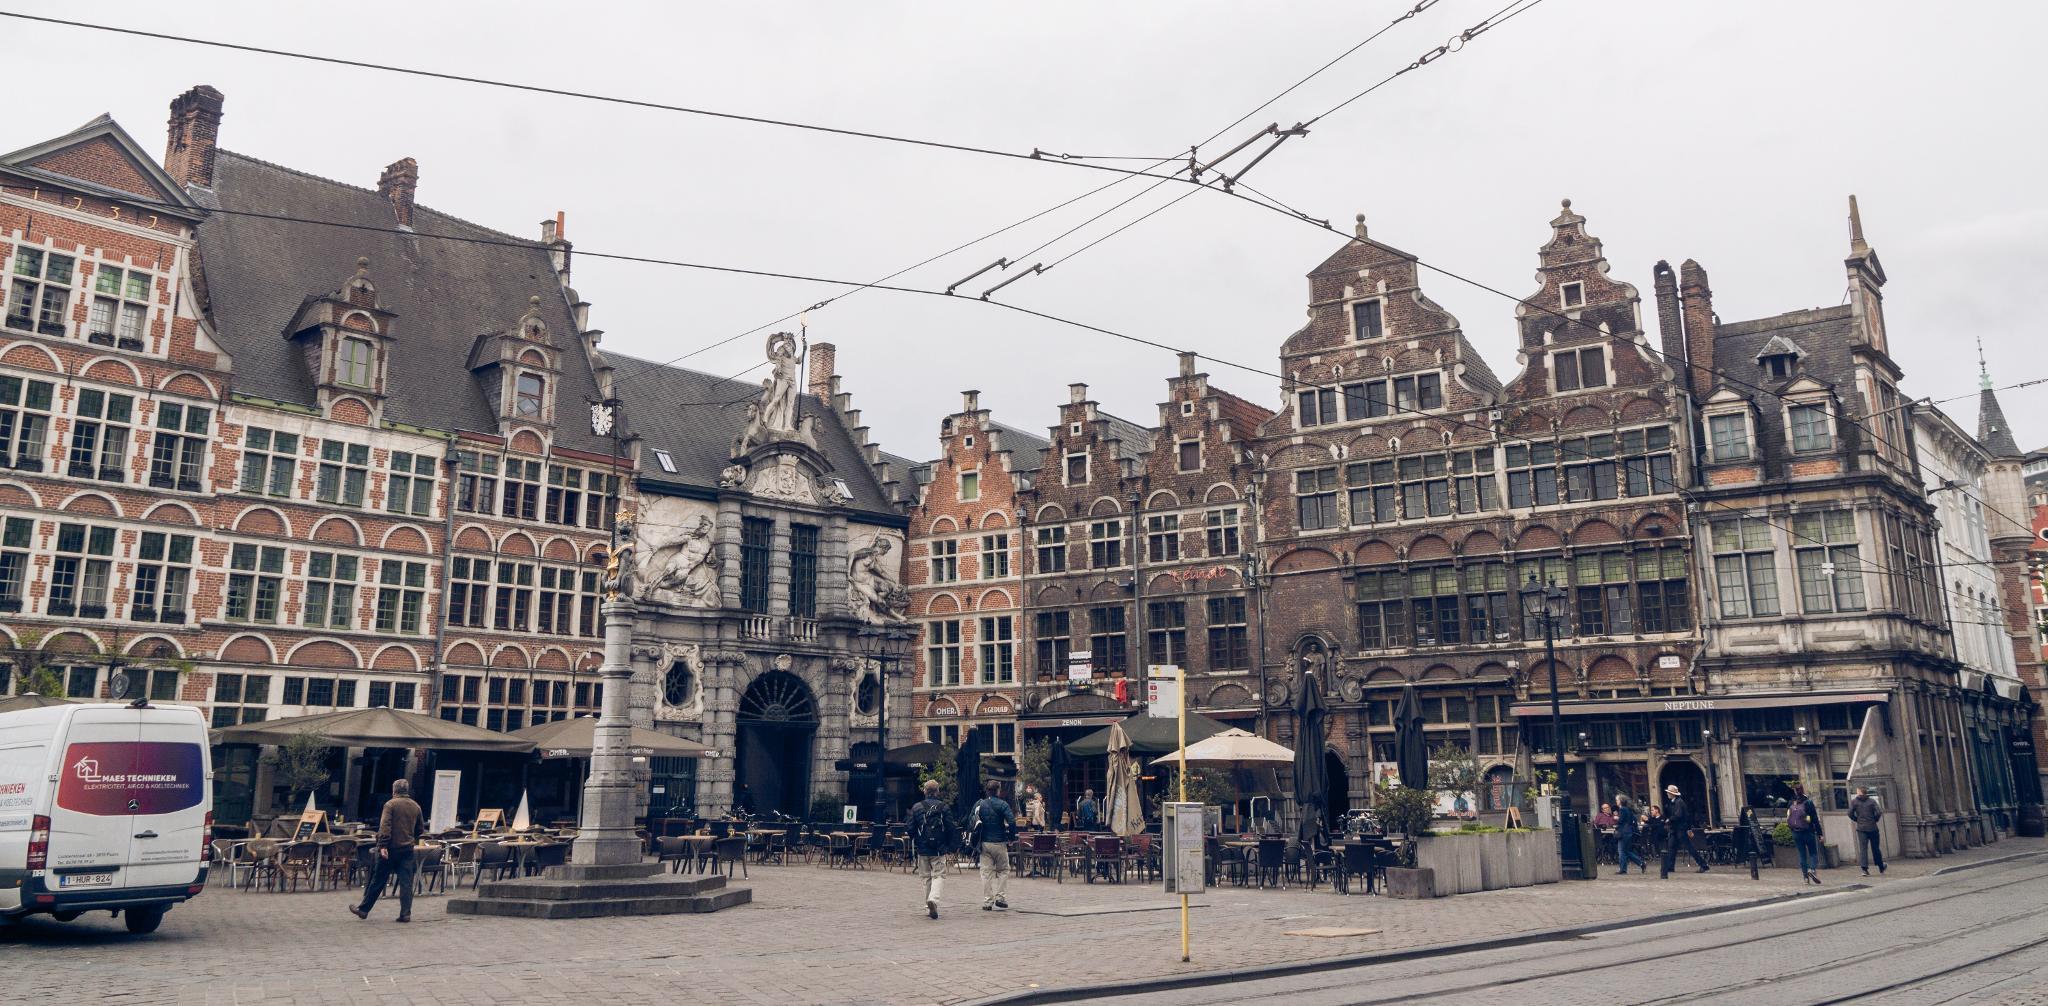 【比利時】穿梭中世紀的大城小事 — 比利時根特 (Ghent) 散步景點總整理 121